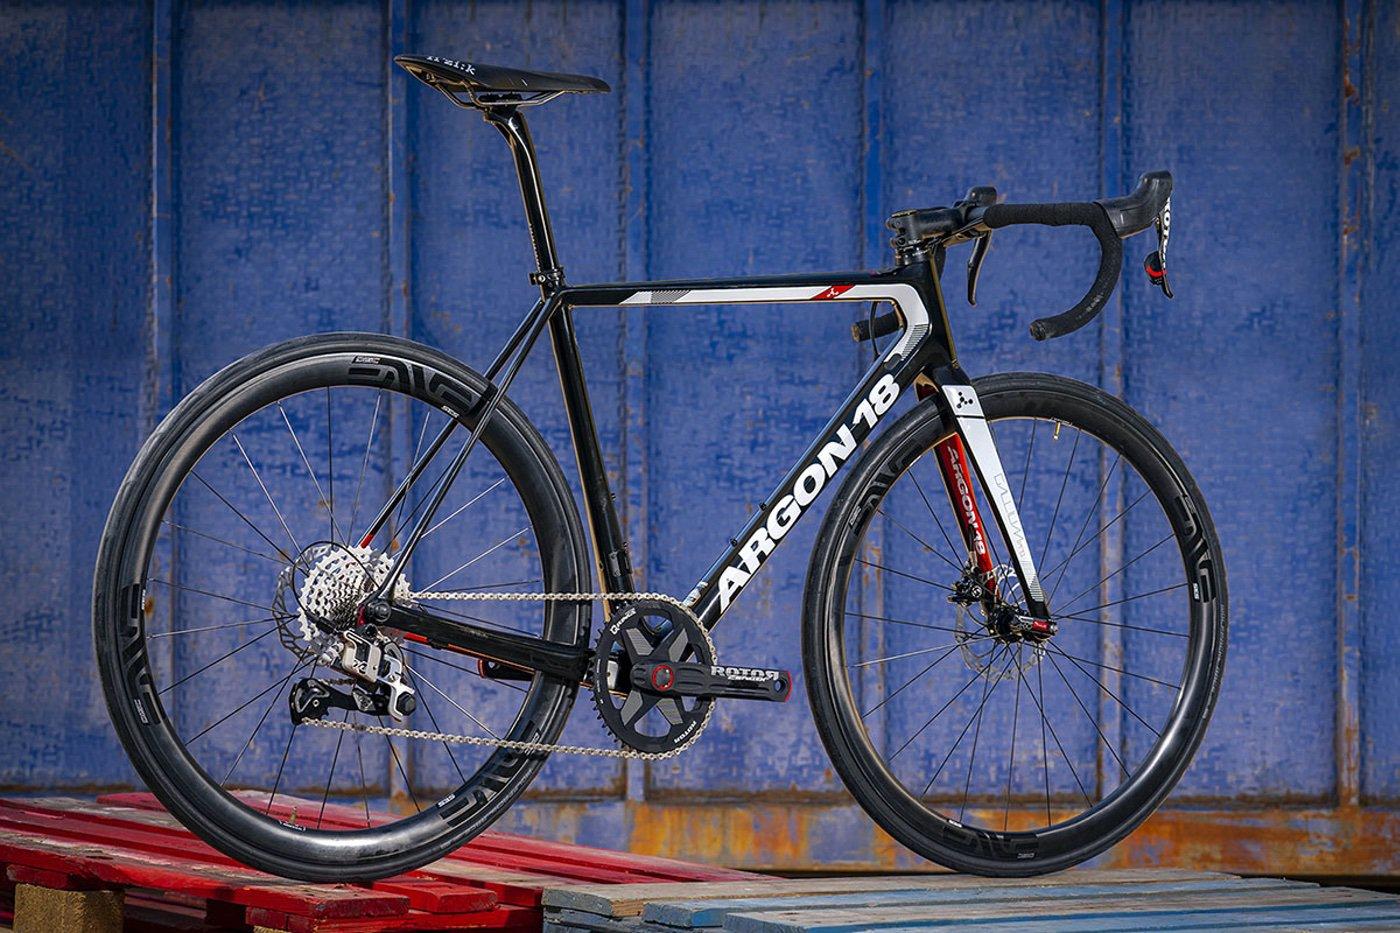 ROTOR 1x13 bicicleta de carretera de competición